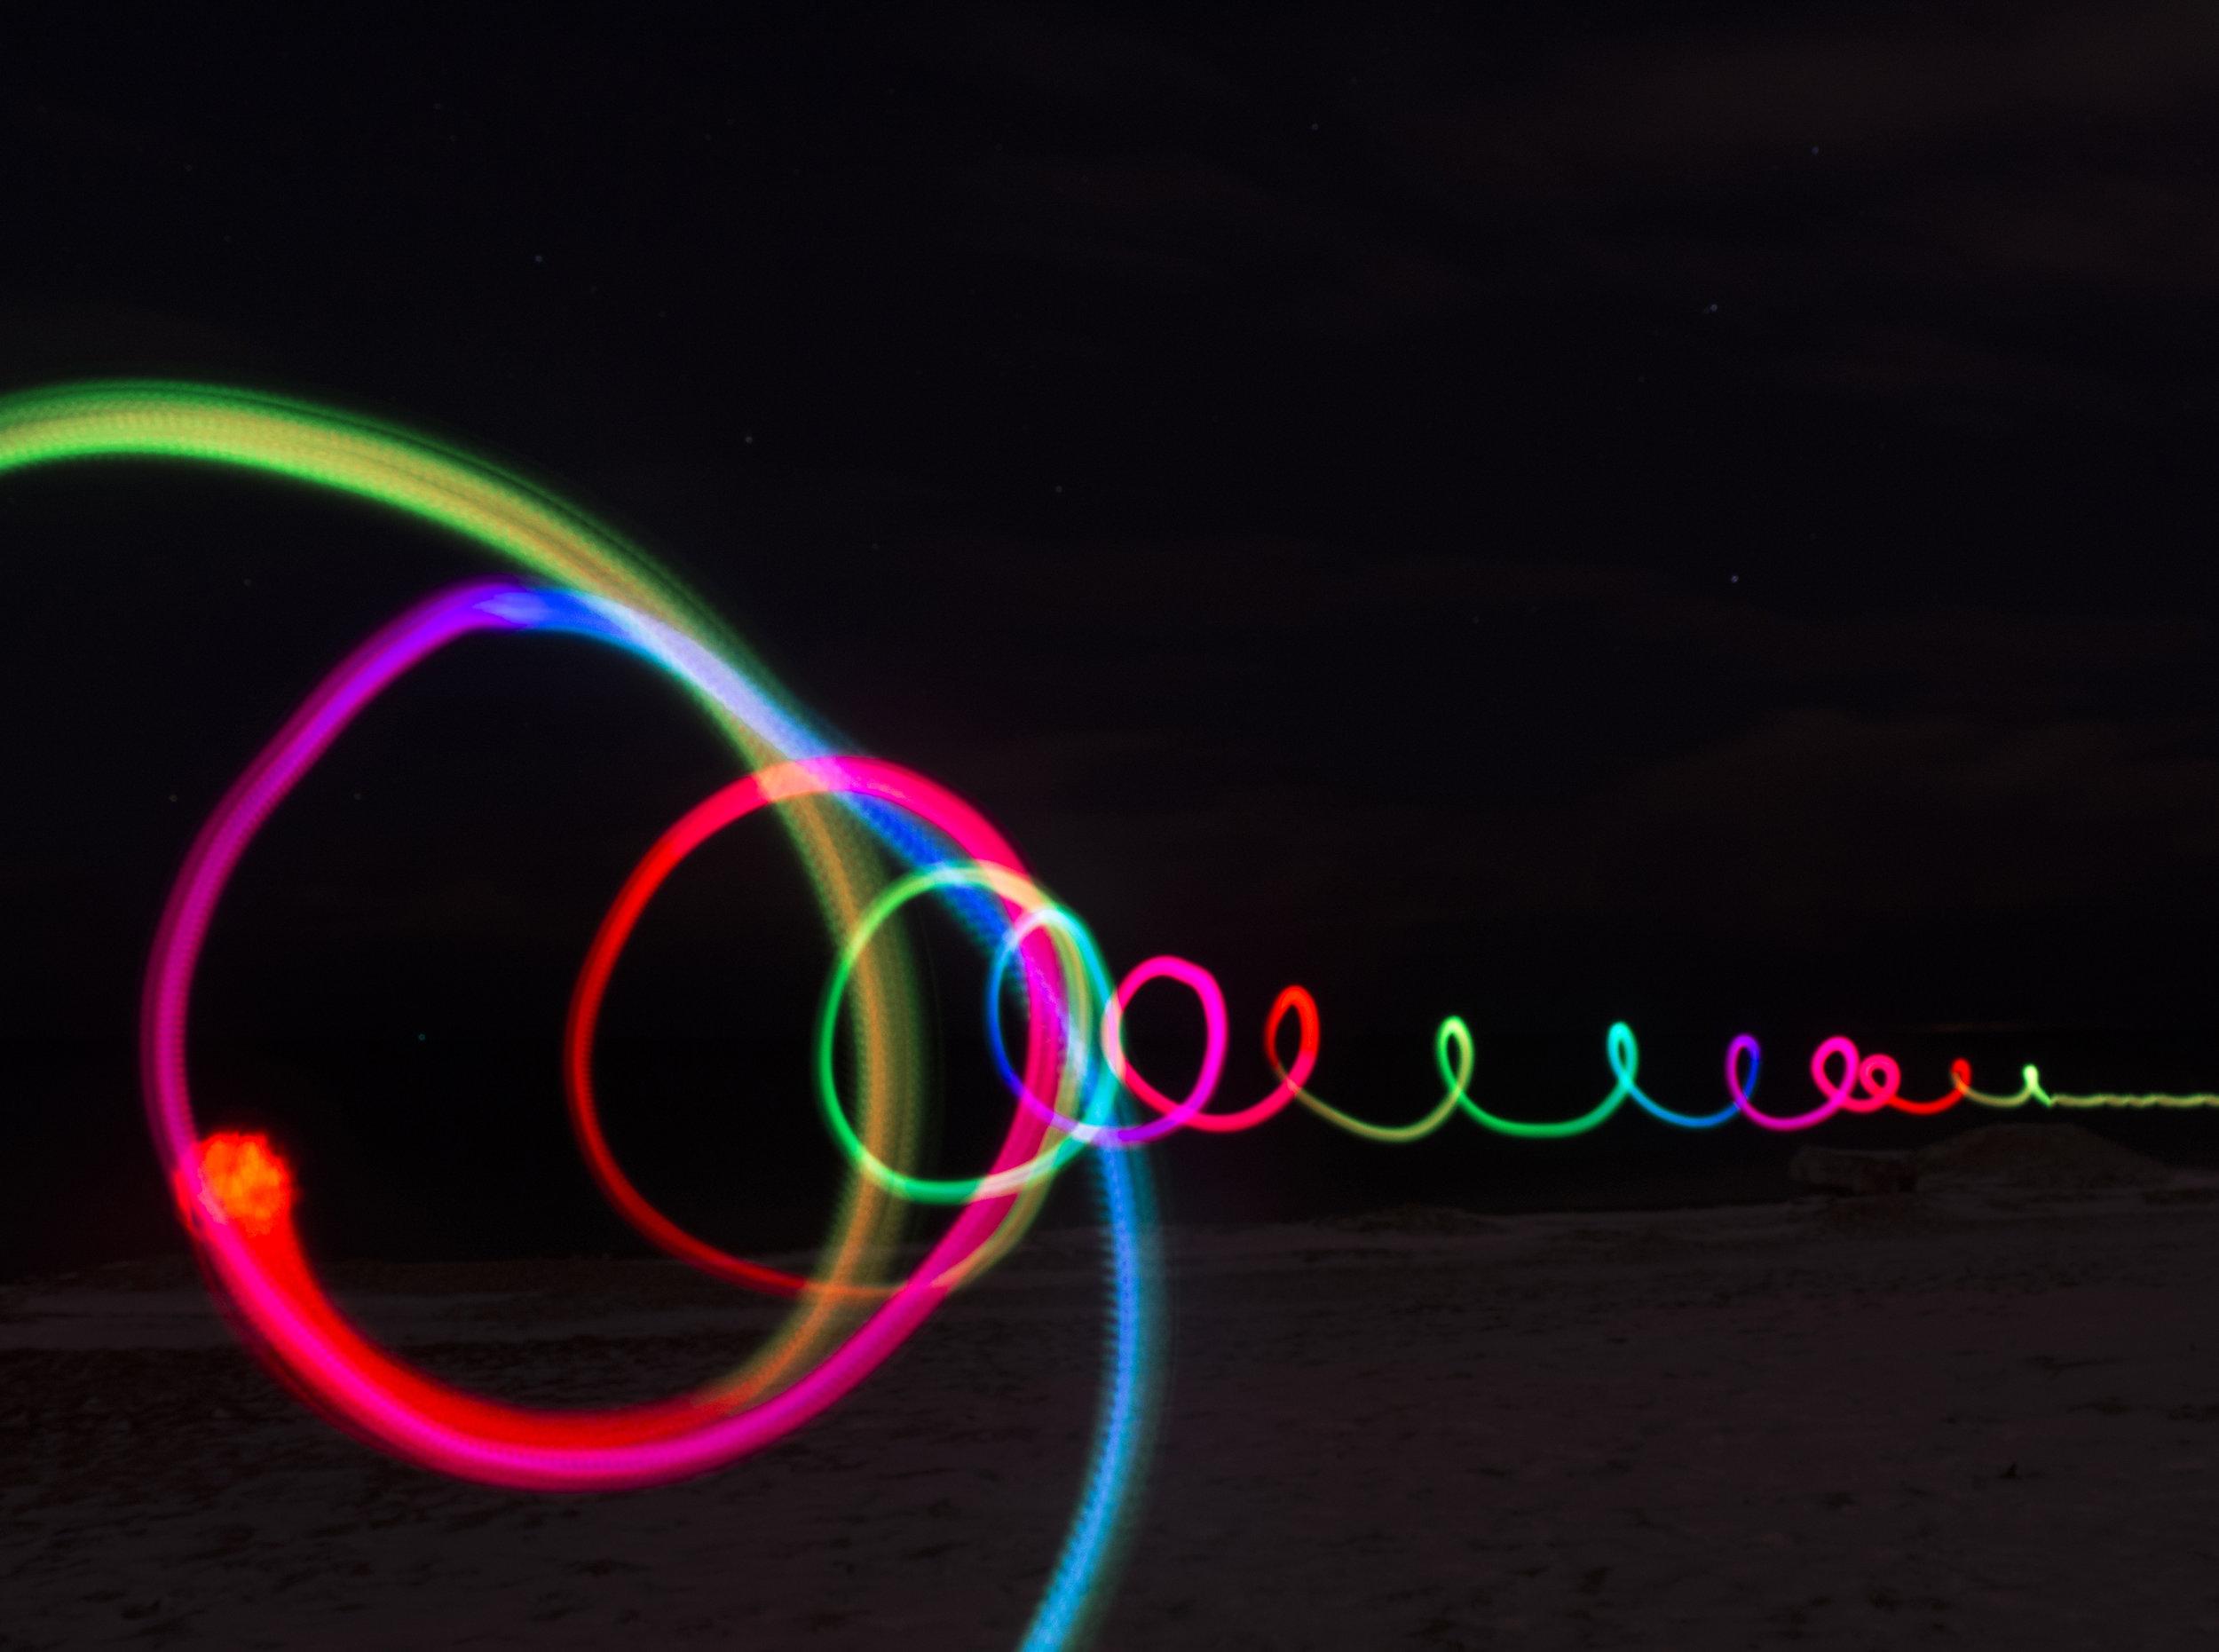 SwirledNight.jpg